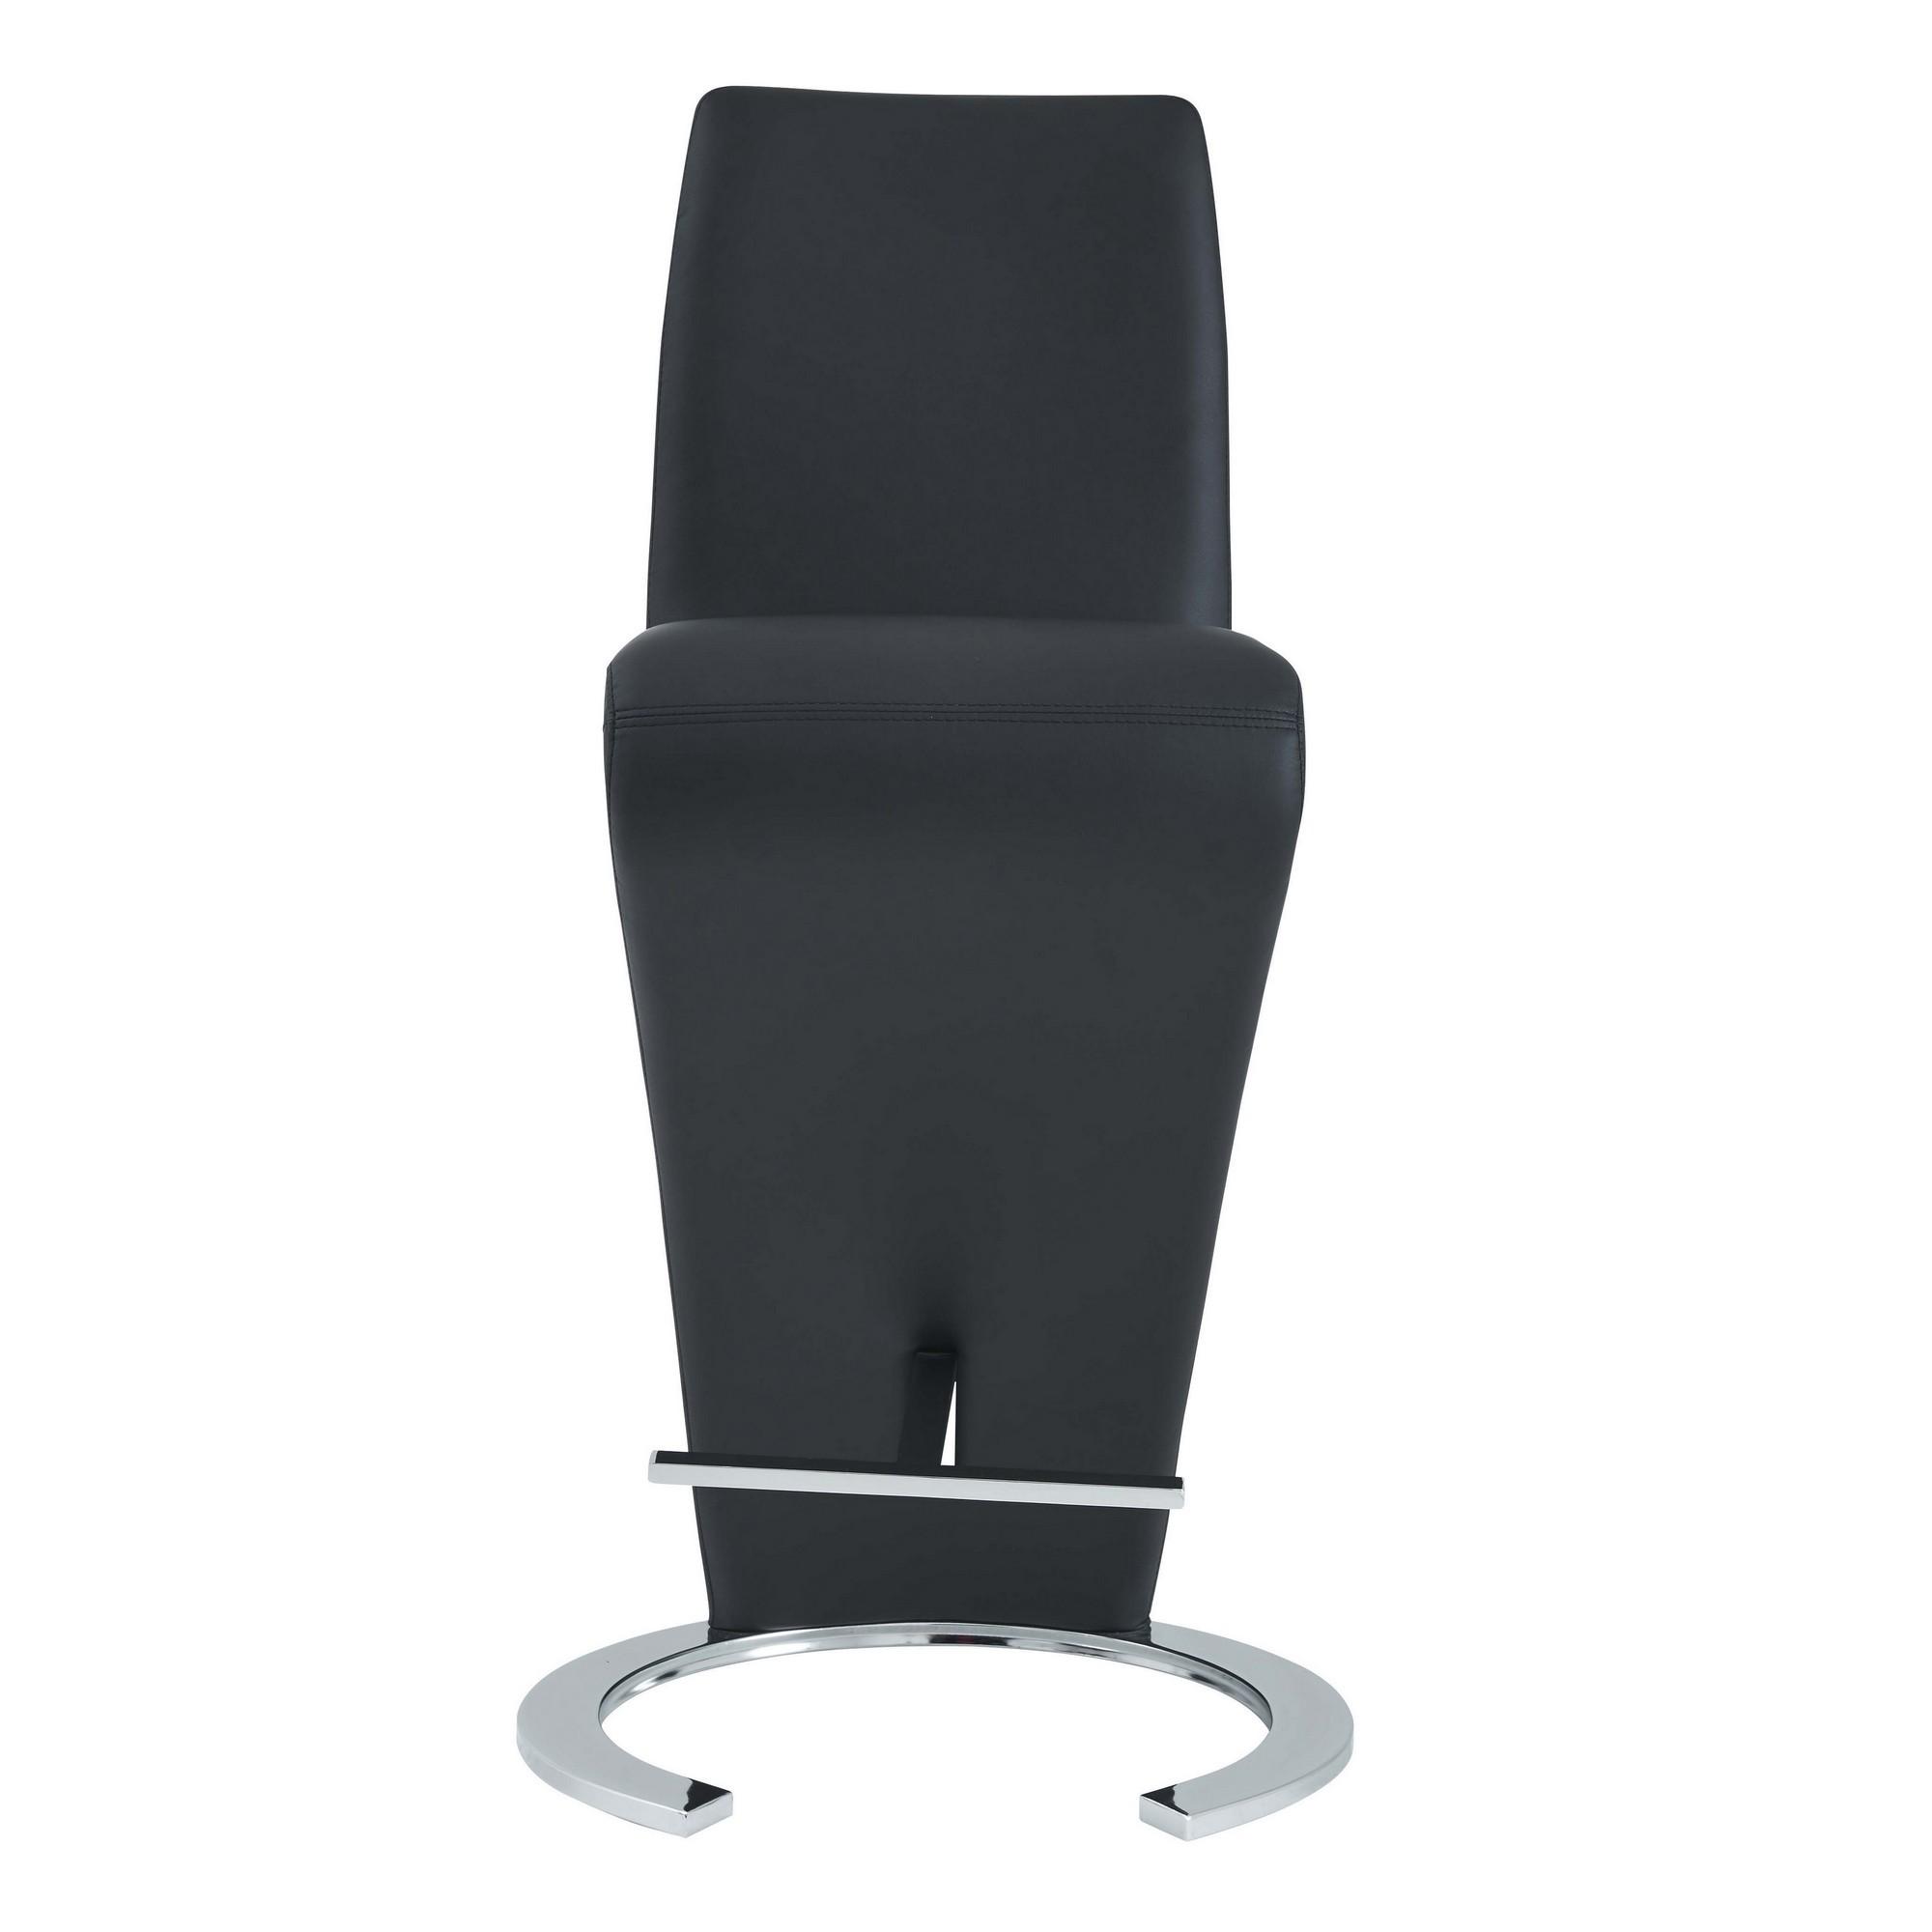 Set of 2 Black Z Shape design Barstools with Horse Shoe Shape Base